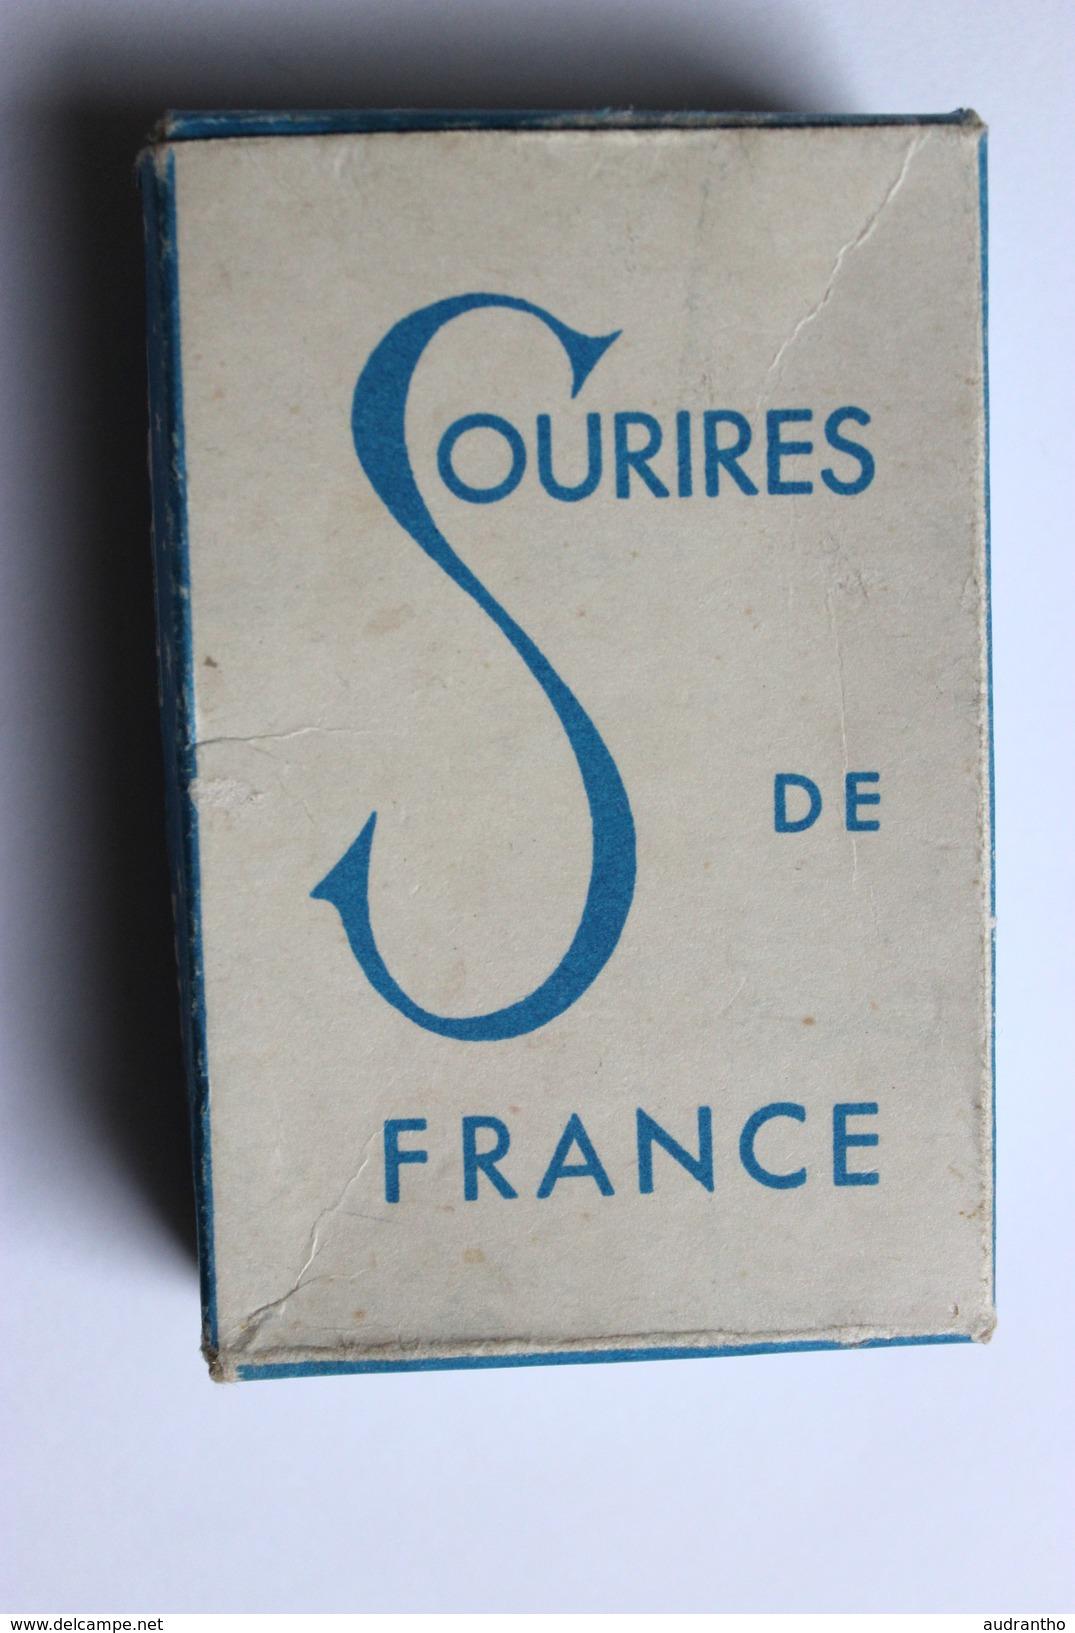 Carte à Jouer érotique Pin Up Font Romeu Sourires De France Belotte Tierce - Cartes à Jouer